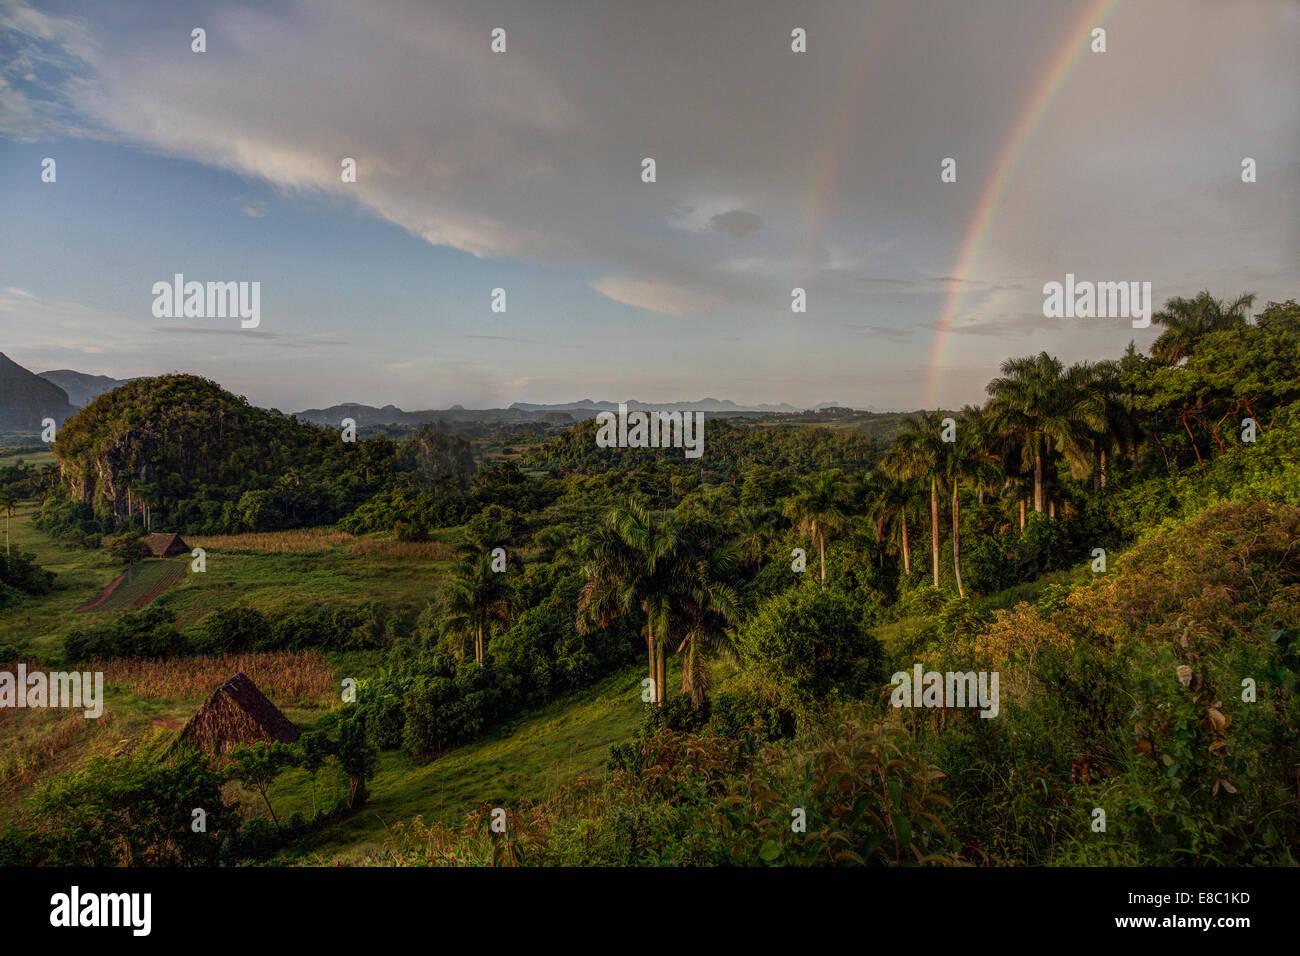 Arco iris en la noche paisaje de Viñales, provincia de Pinar del Río, Cuba Imagen De Stock